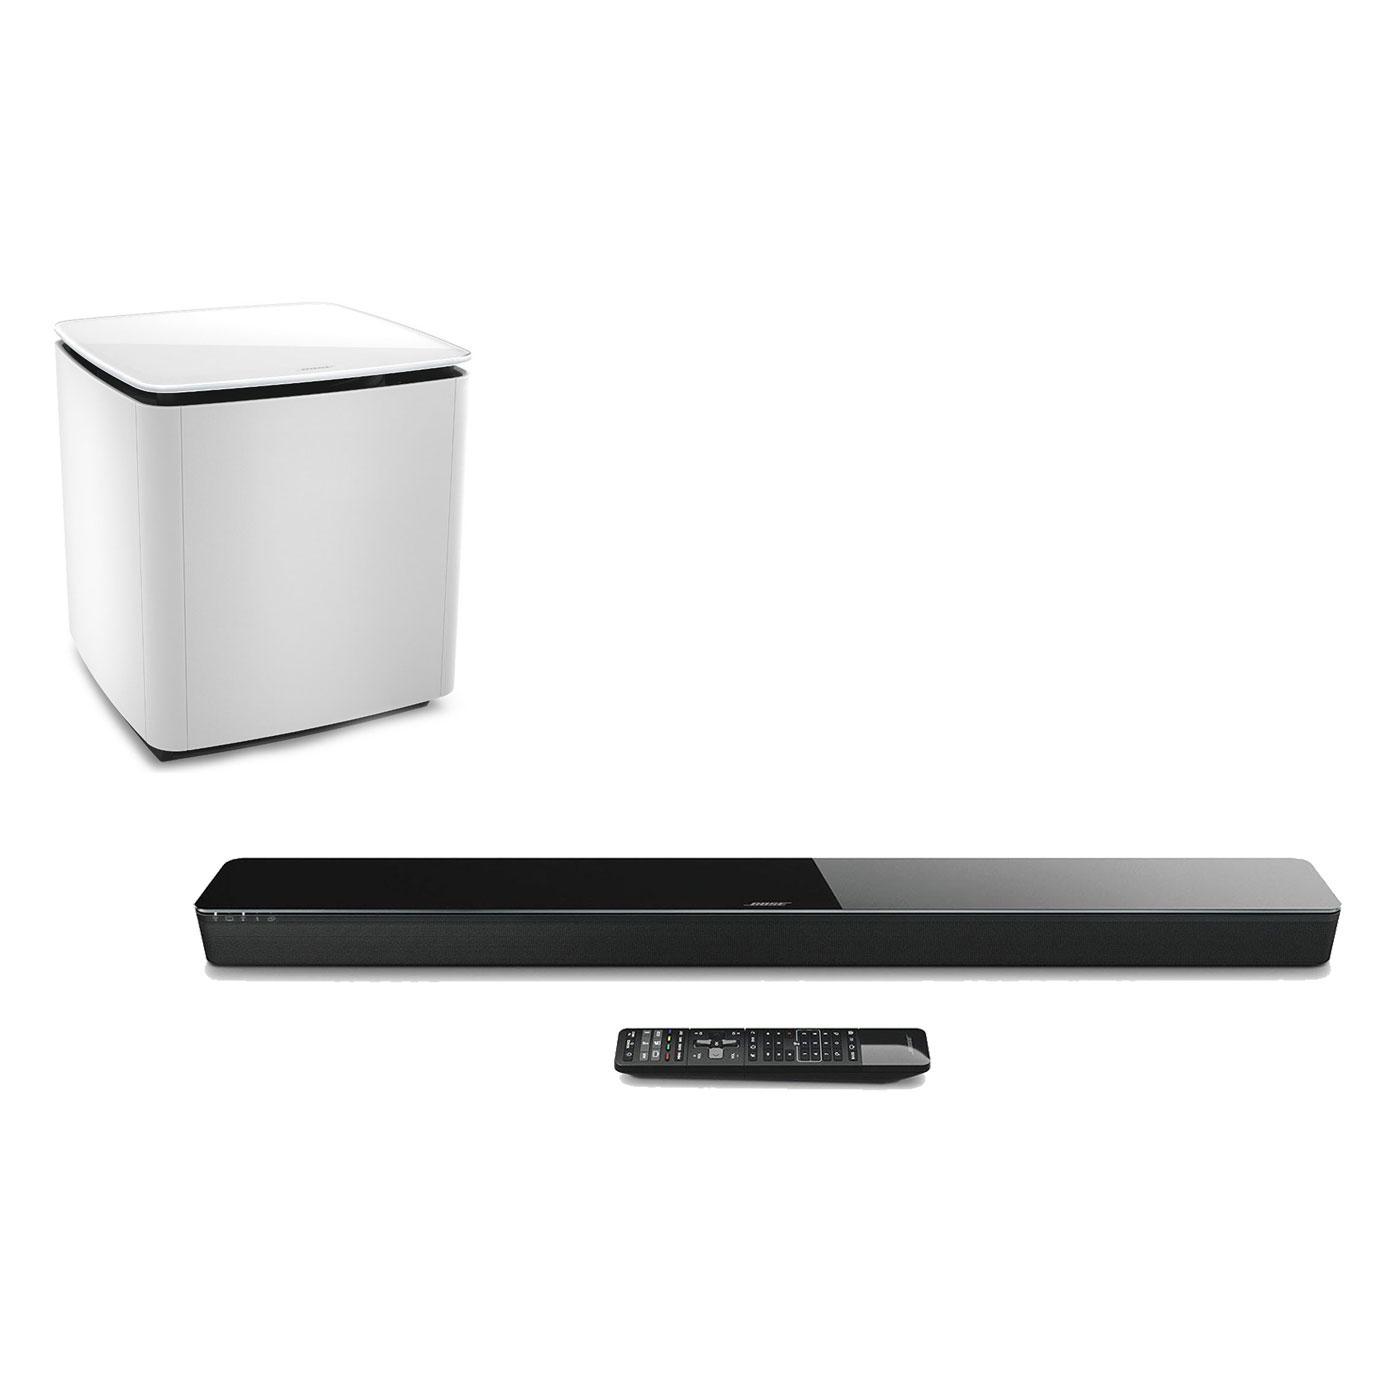 bose soundtouch 300 acoustimass 300 blanc barre de son bose sur. Black Bedroom Furniture Sets. Home Design Ideas